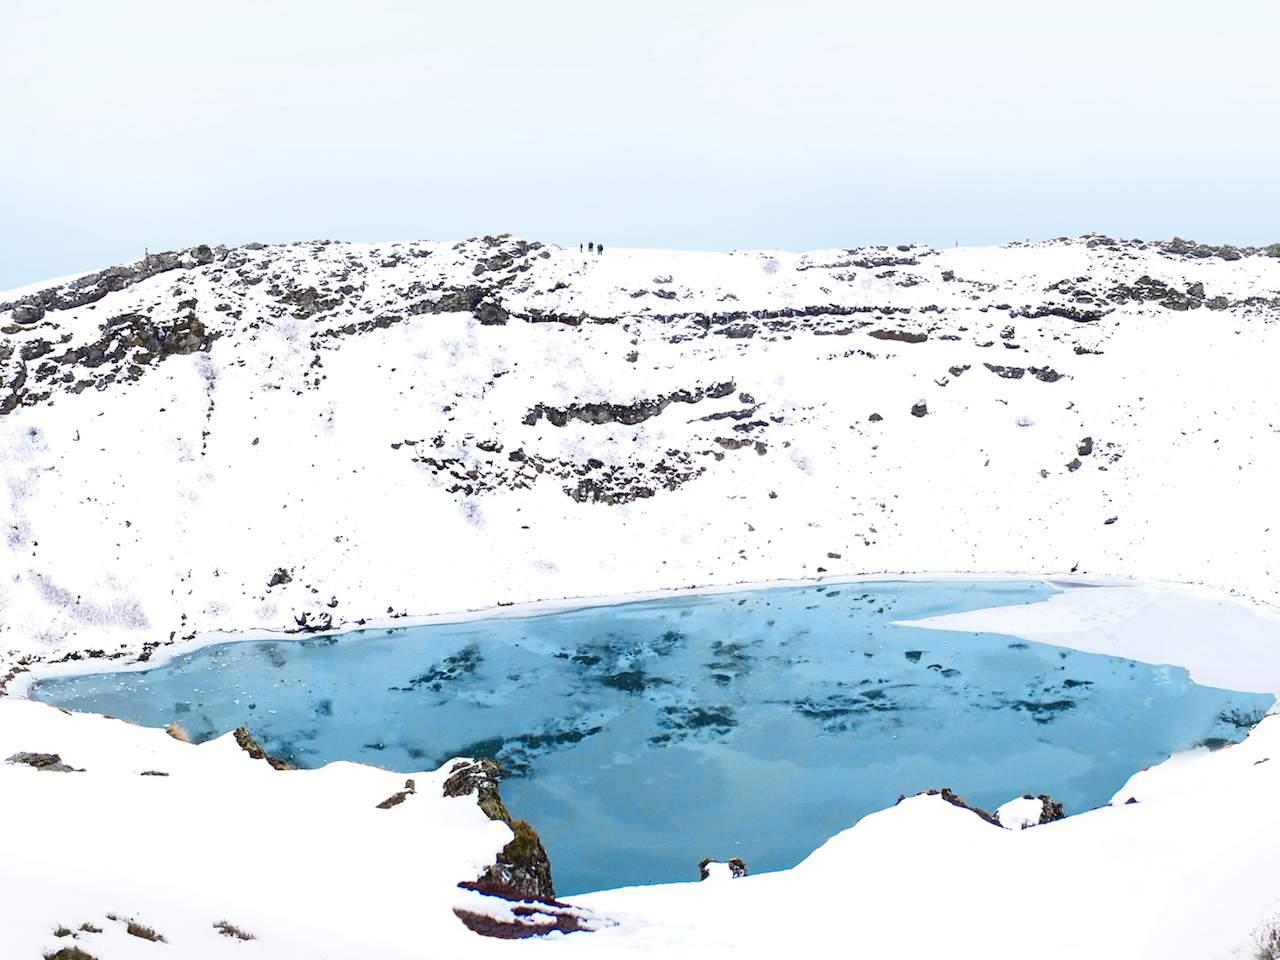 Kerid Volcano in winter